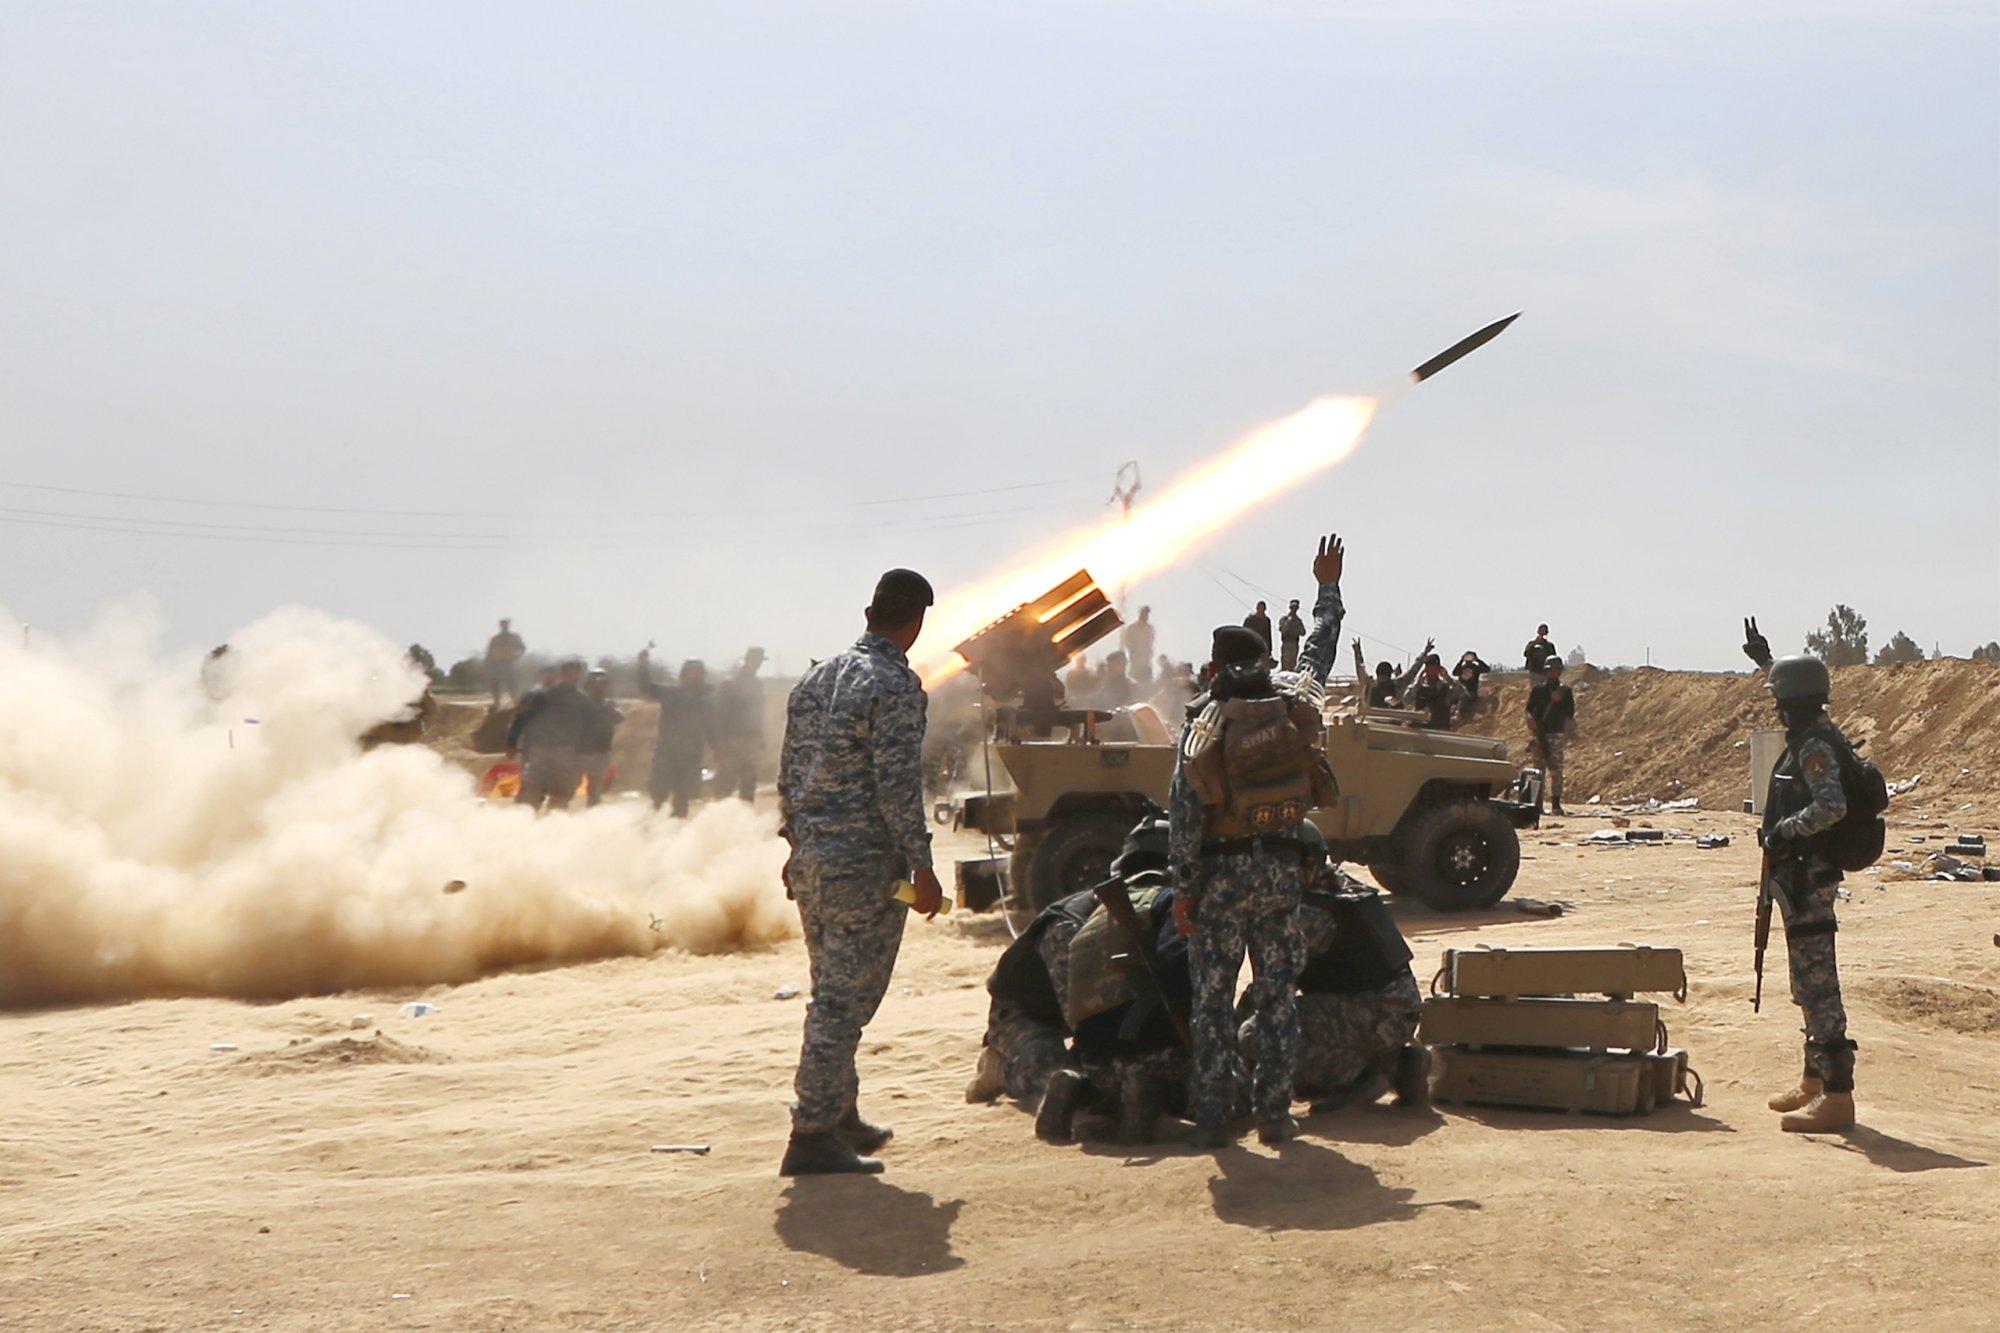 СМИ узнали о способности ИГИЛ сбивать самолеты ракетами